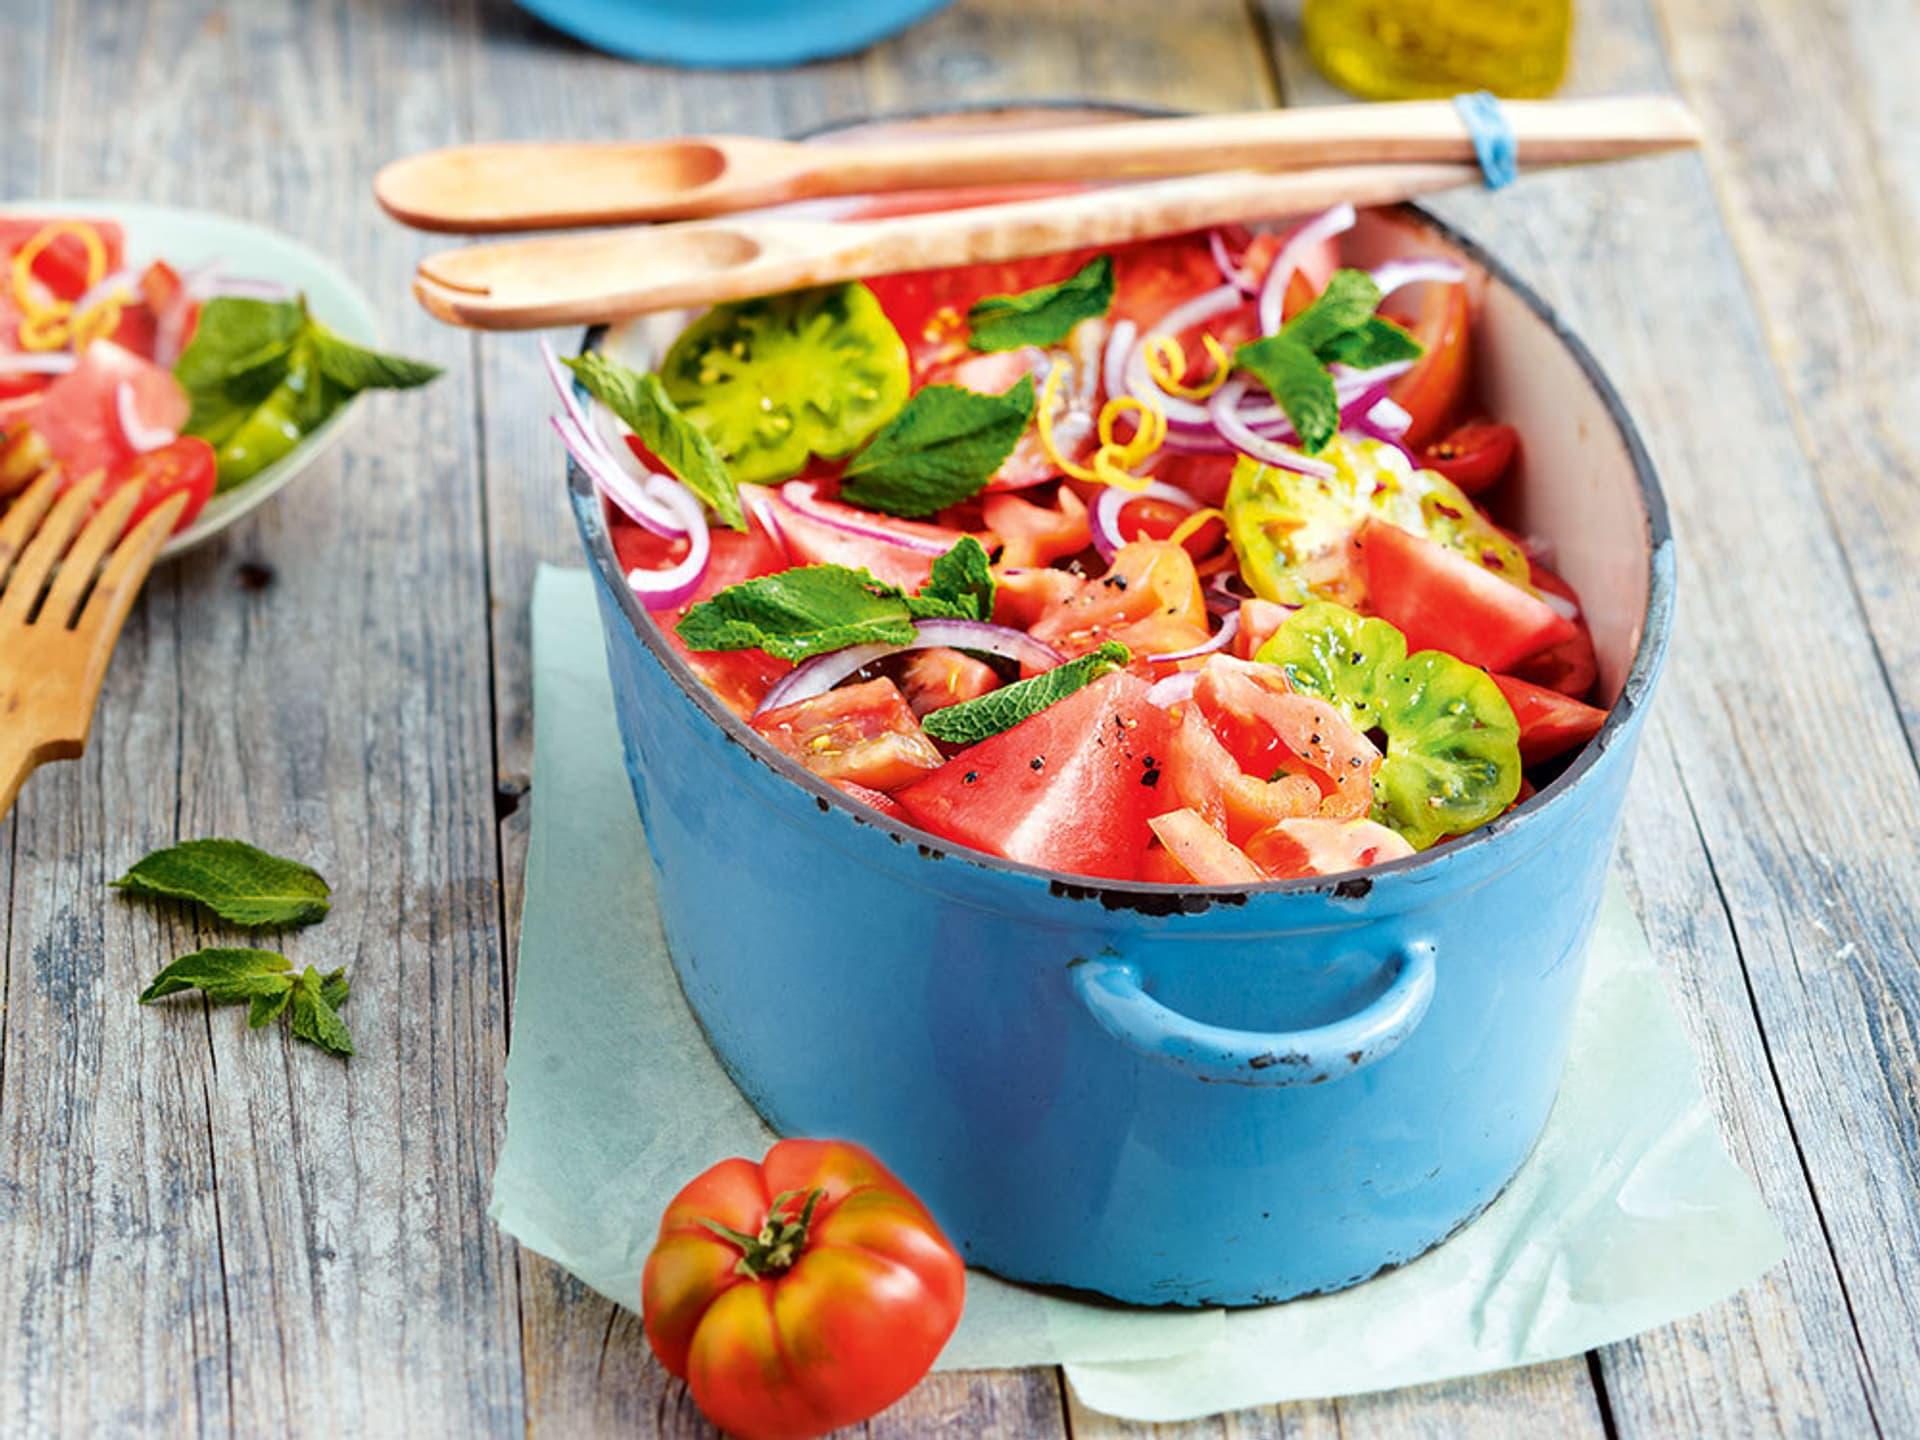 Tomatensalat, pfiffig angerichtet in einem blauen Emailetopf